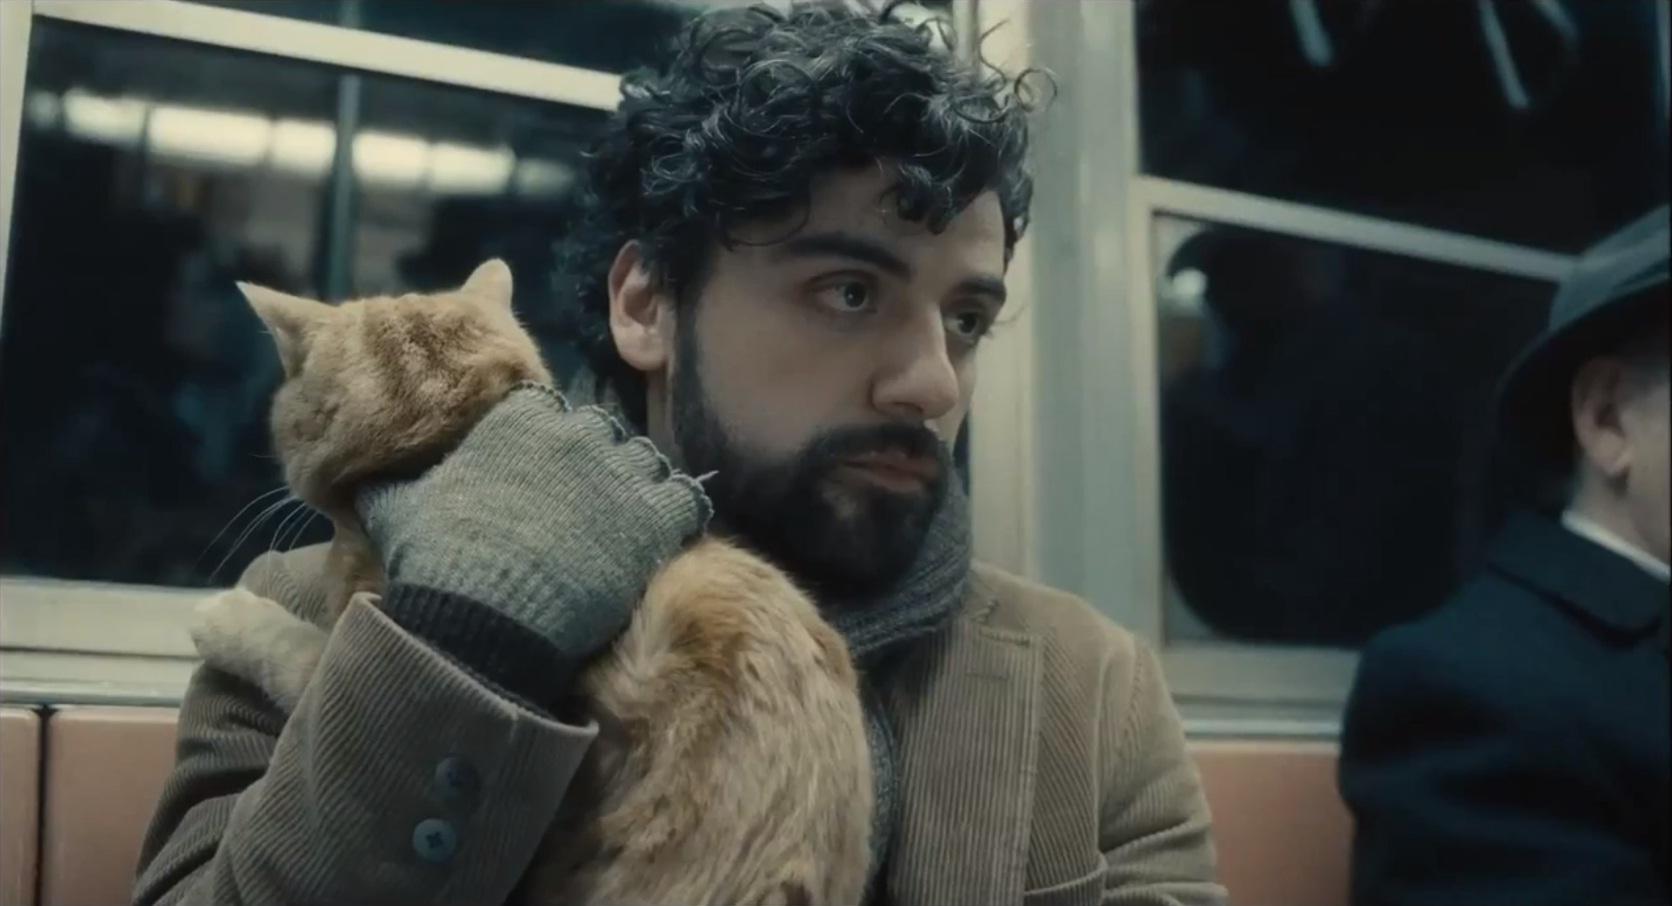 New Inside Llewyn Davis trailer offers fresh glimpse of its cat-carrying folk singer